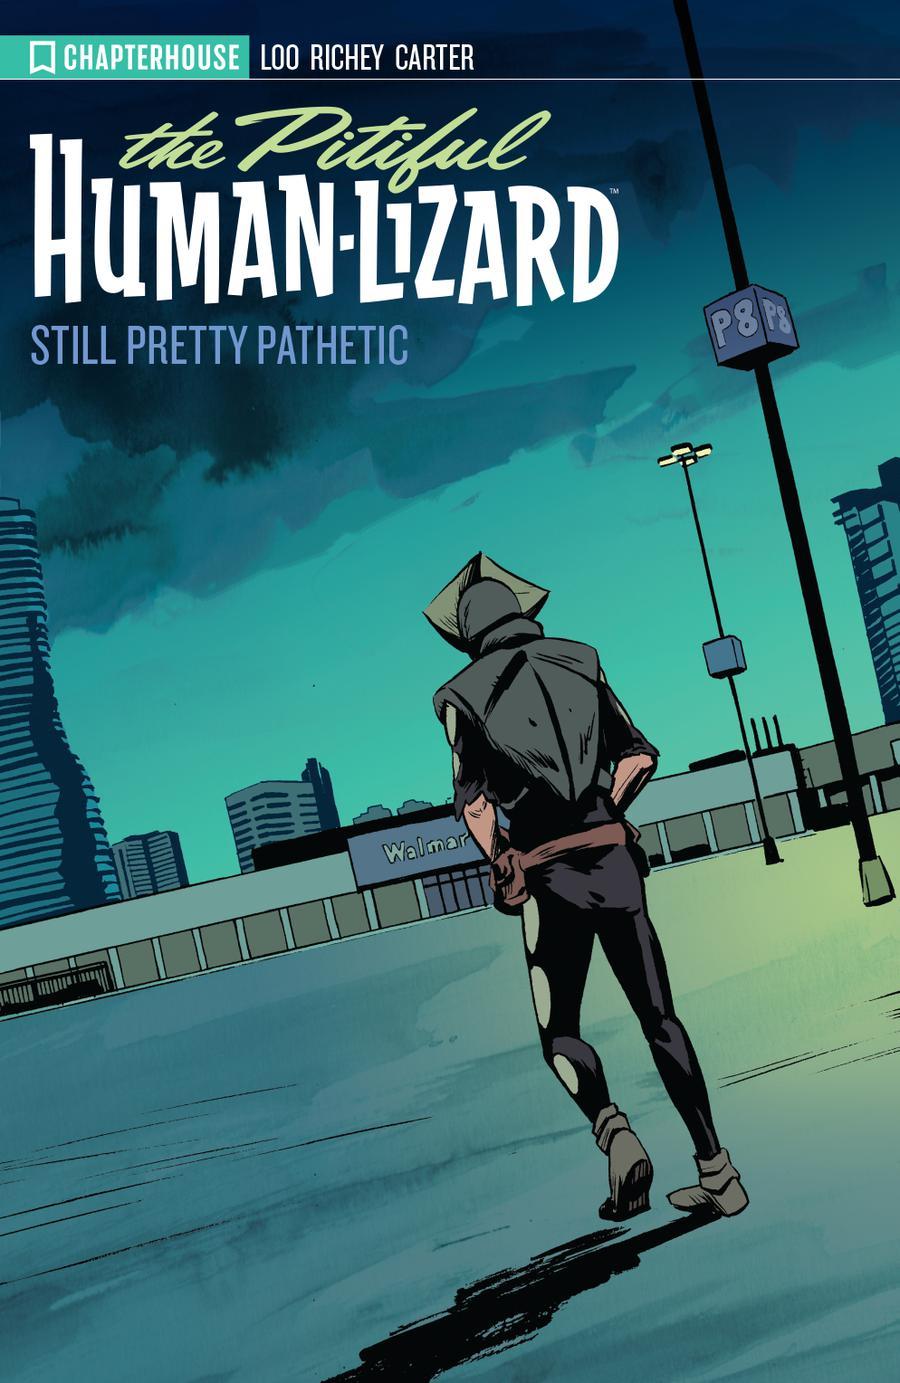 Pitiful Human-Lizard Vol 2 Still Pretty Pathetic TP